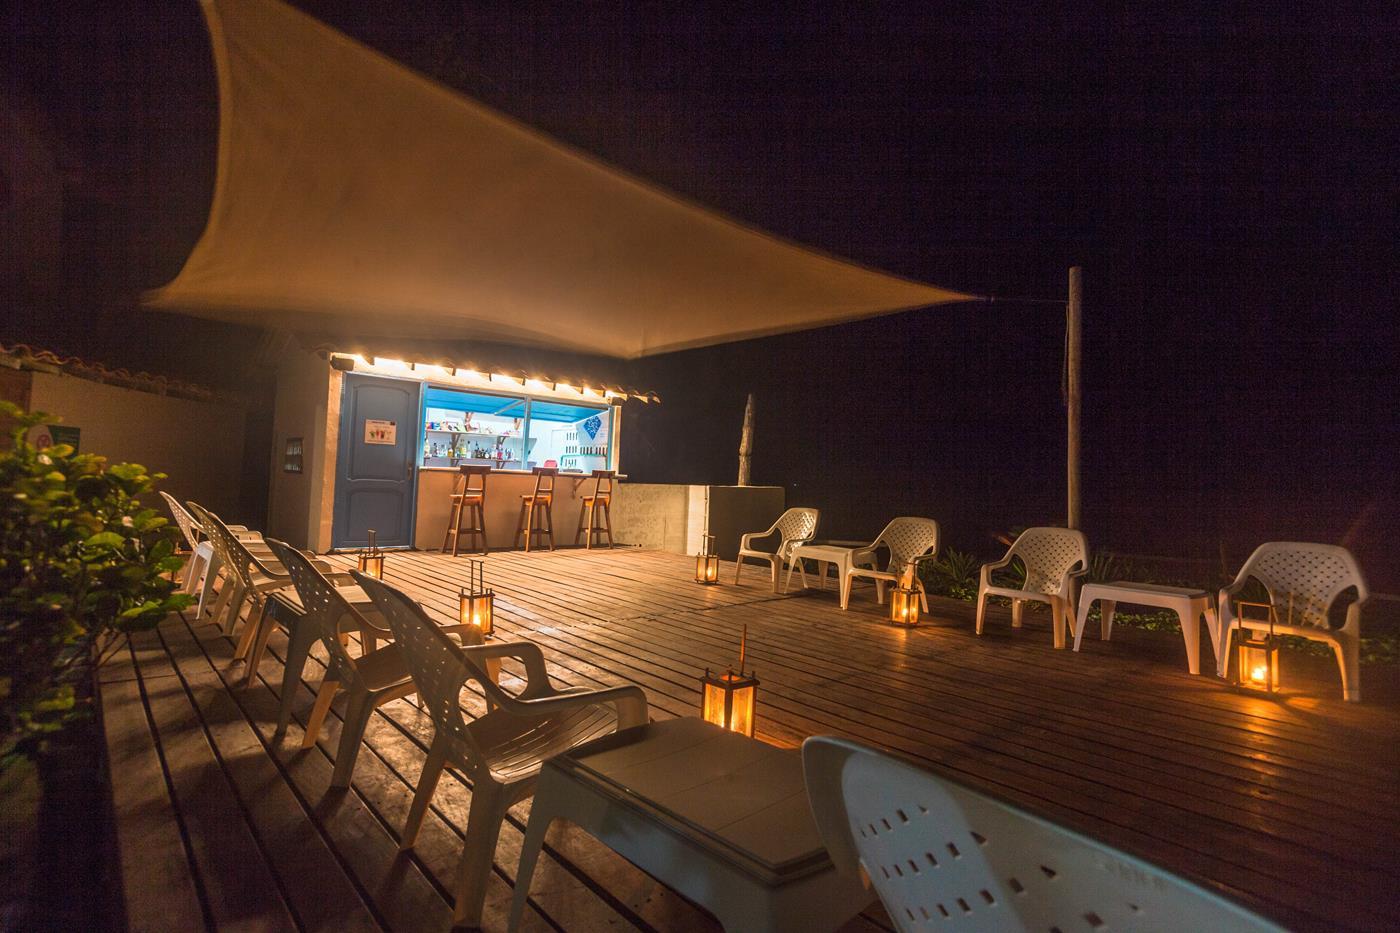 mejores-hoteles-san-bernardo-del-viento-bar (1)